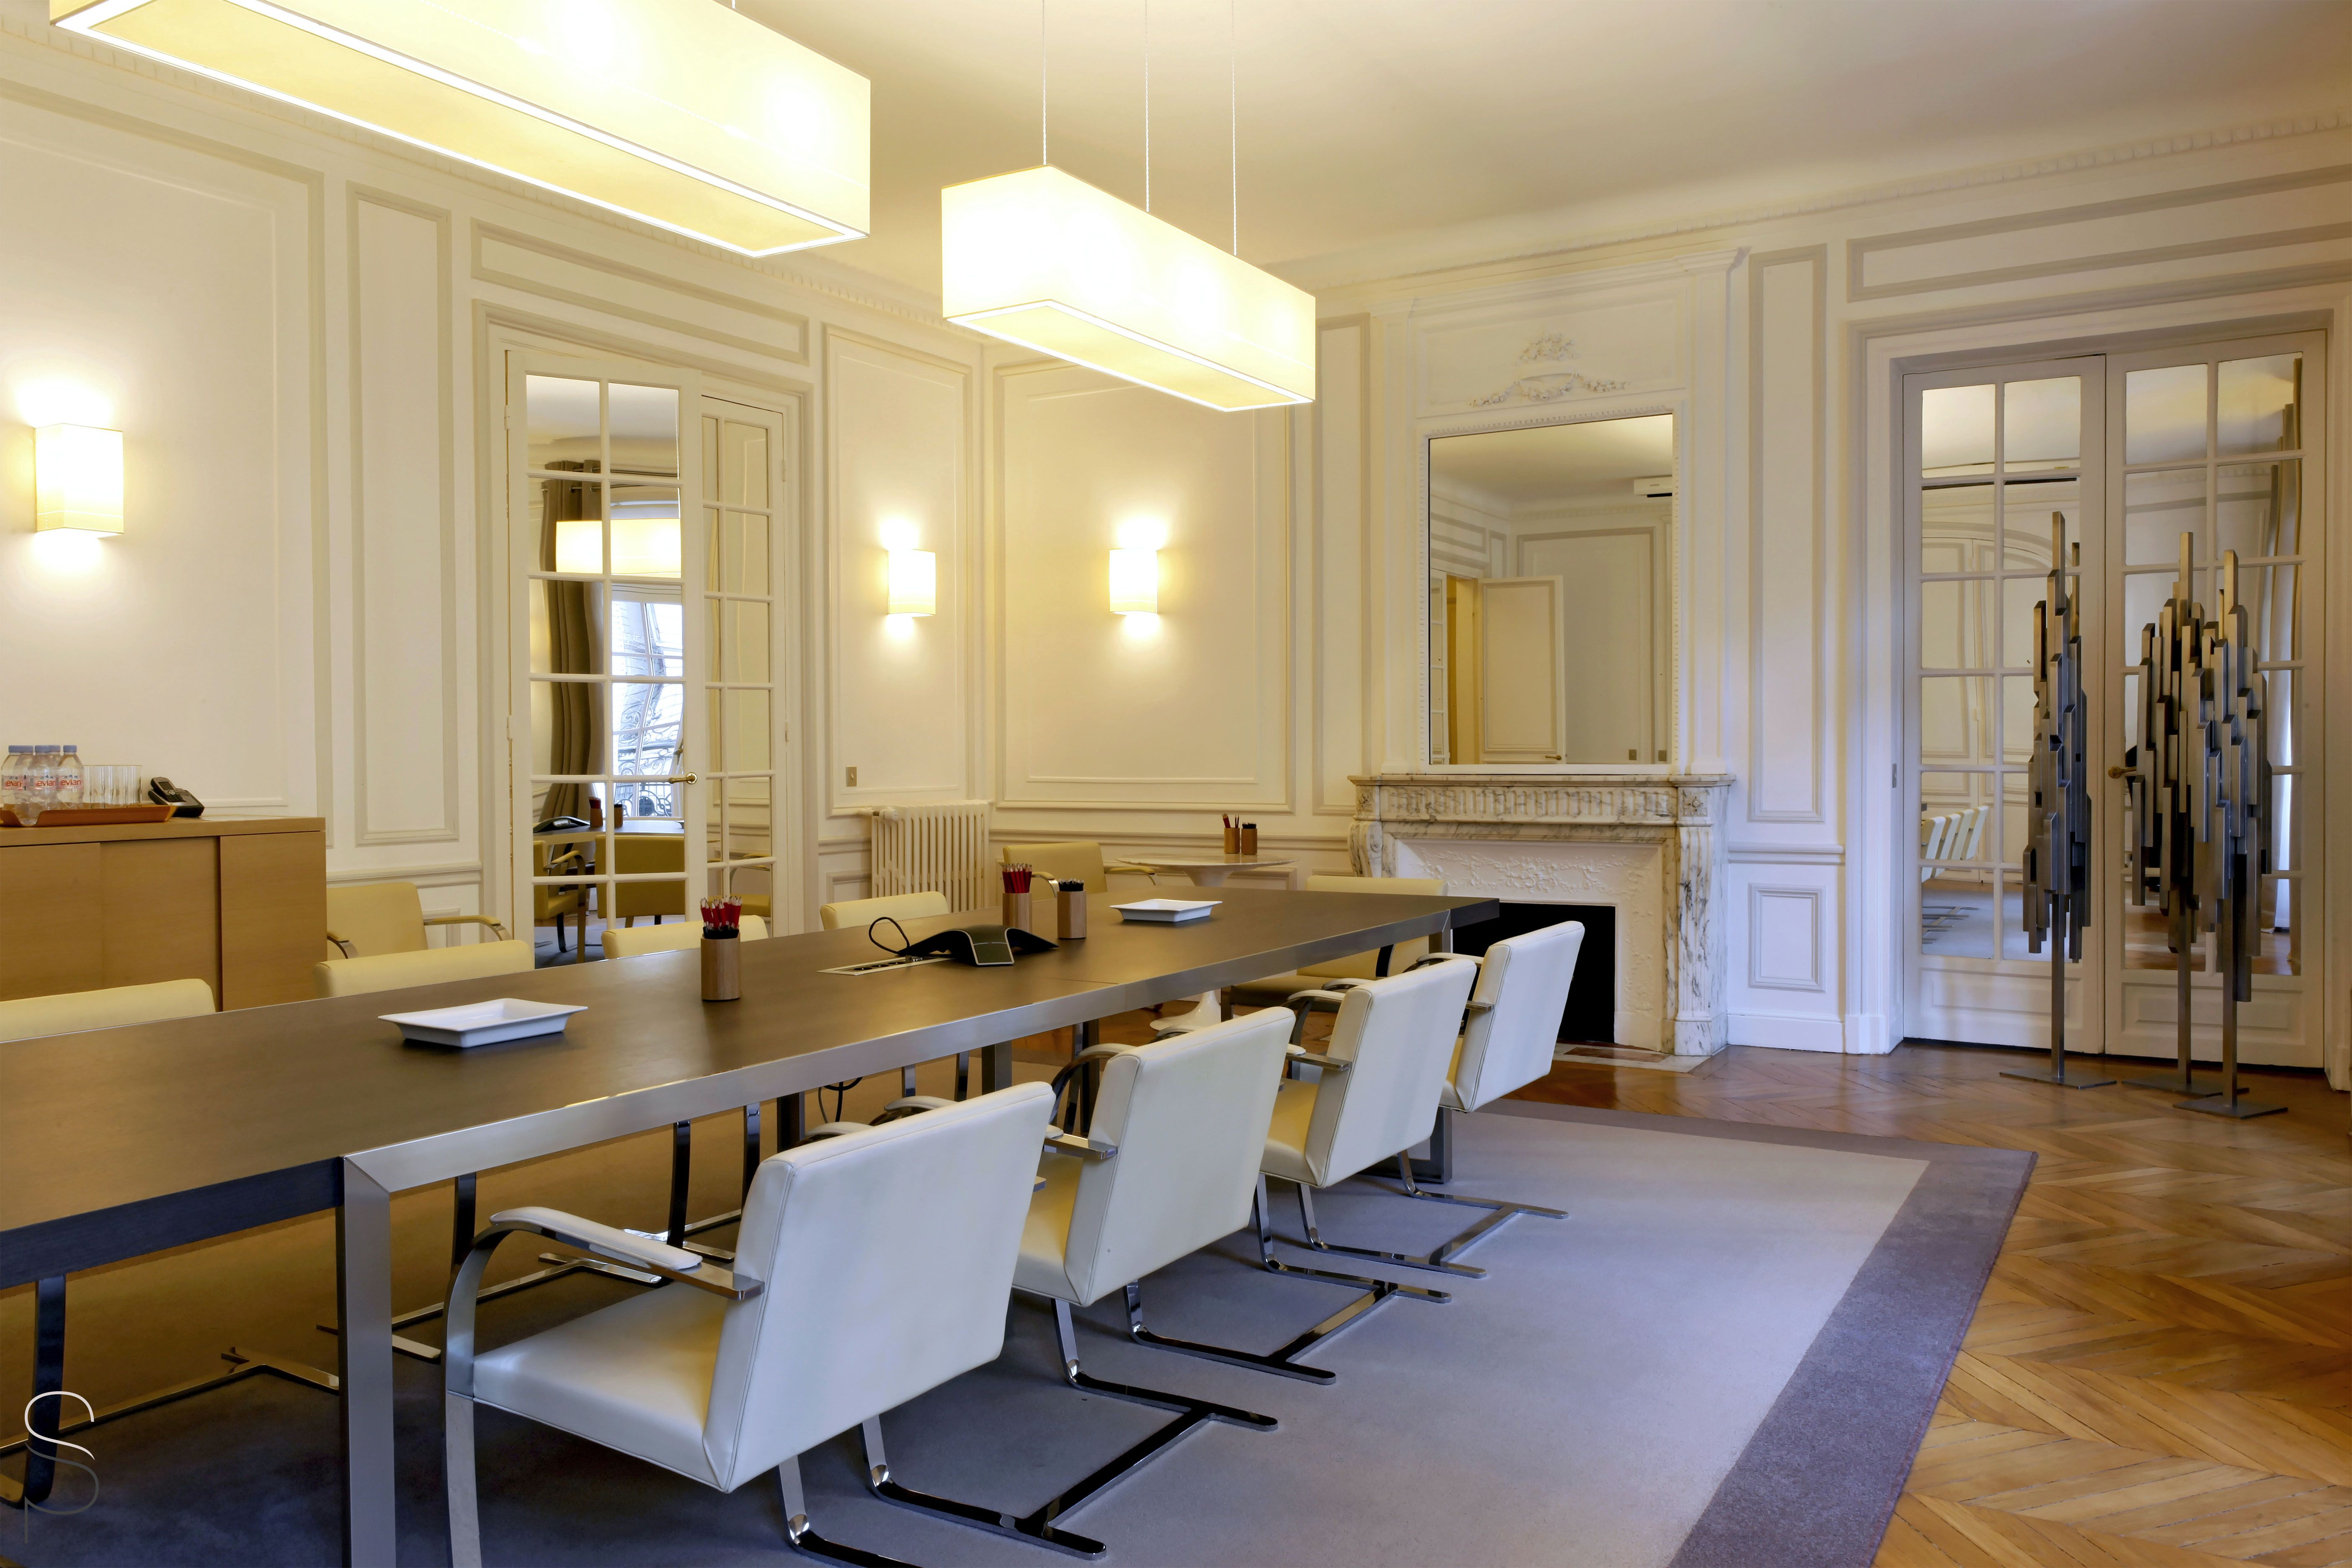 Bureau D Avocats Paris 8eme